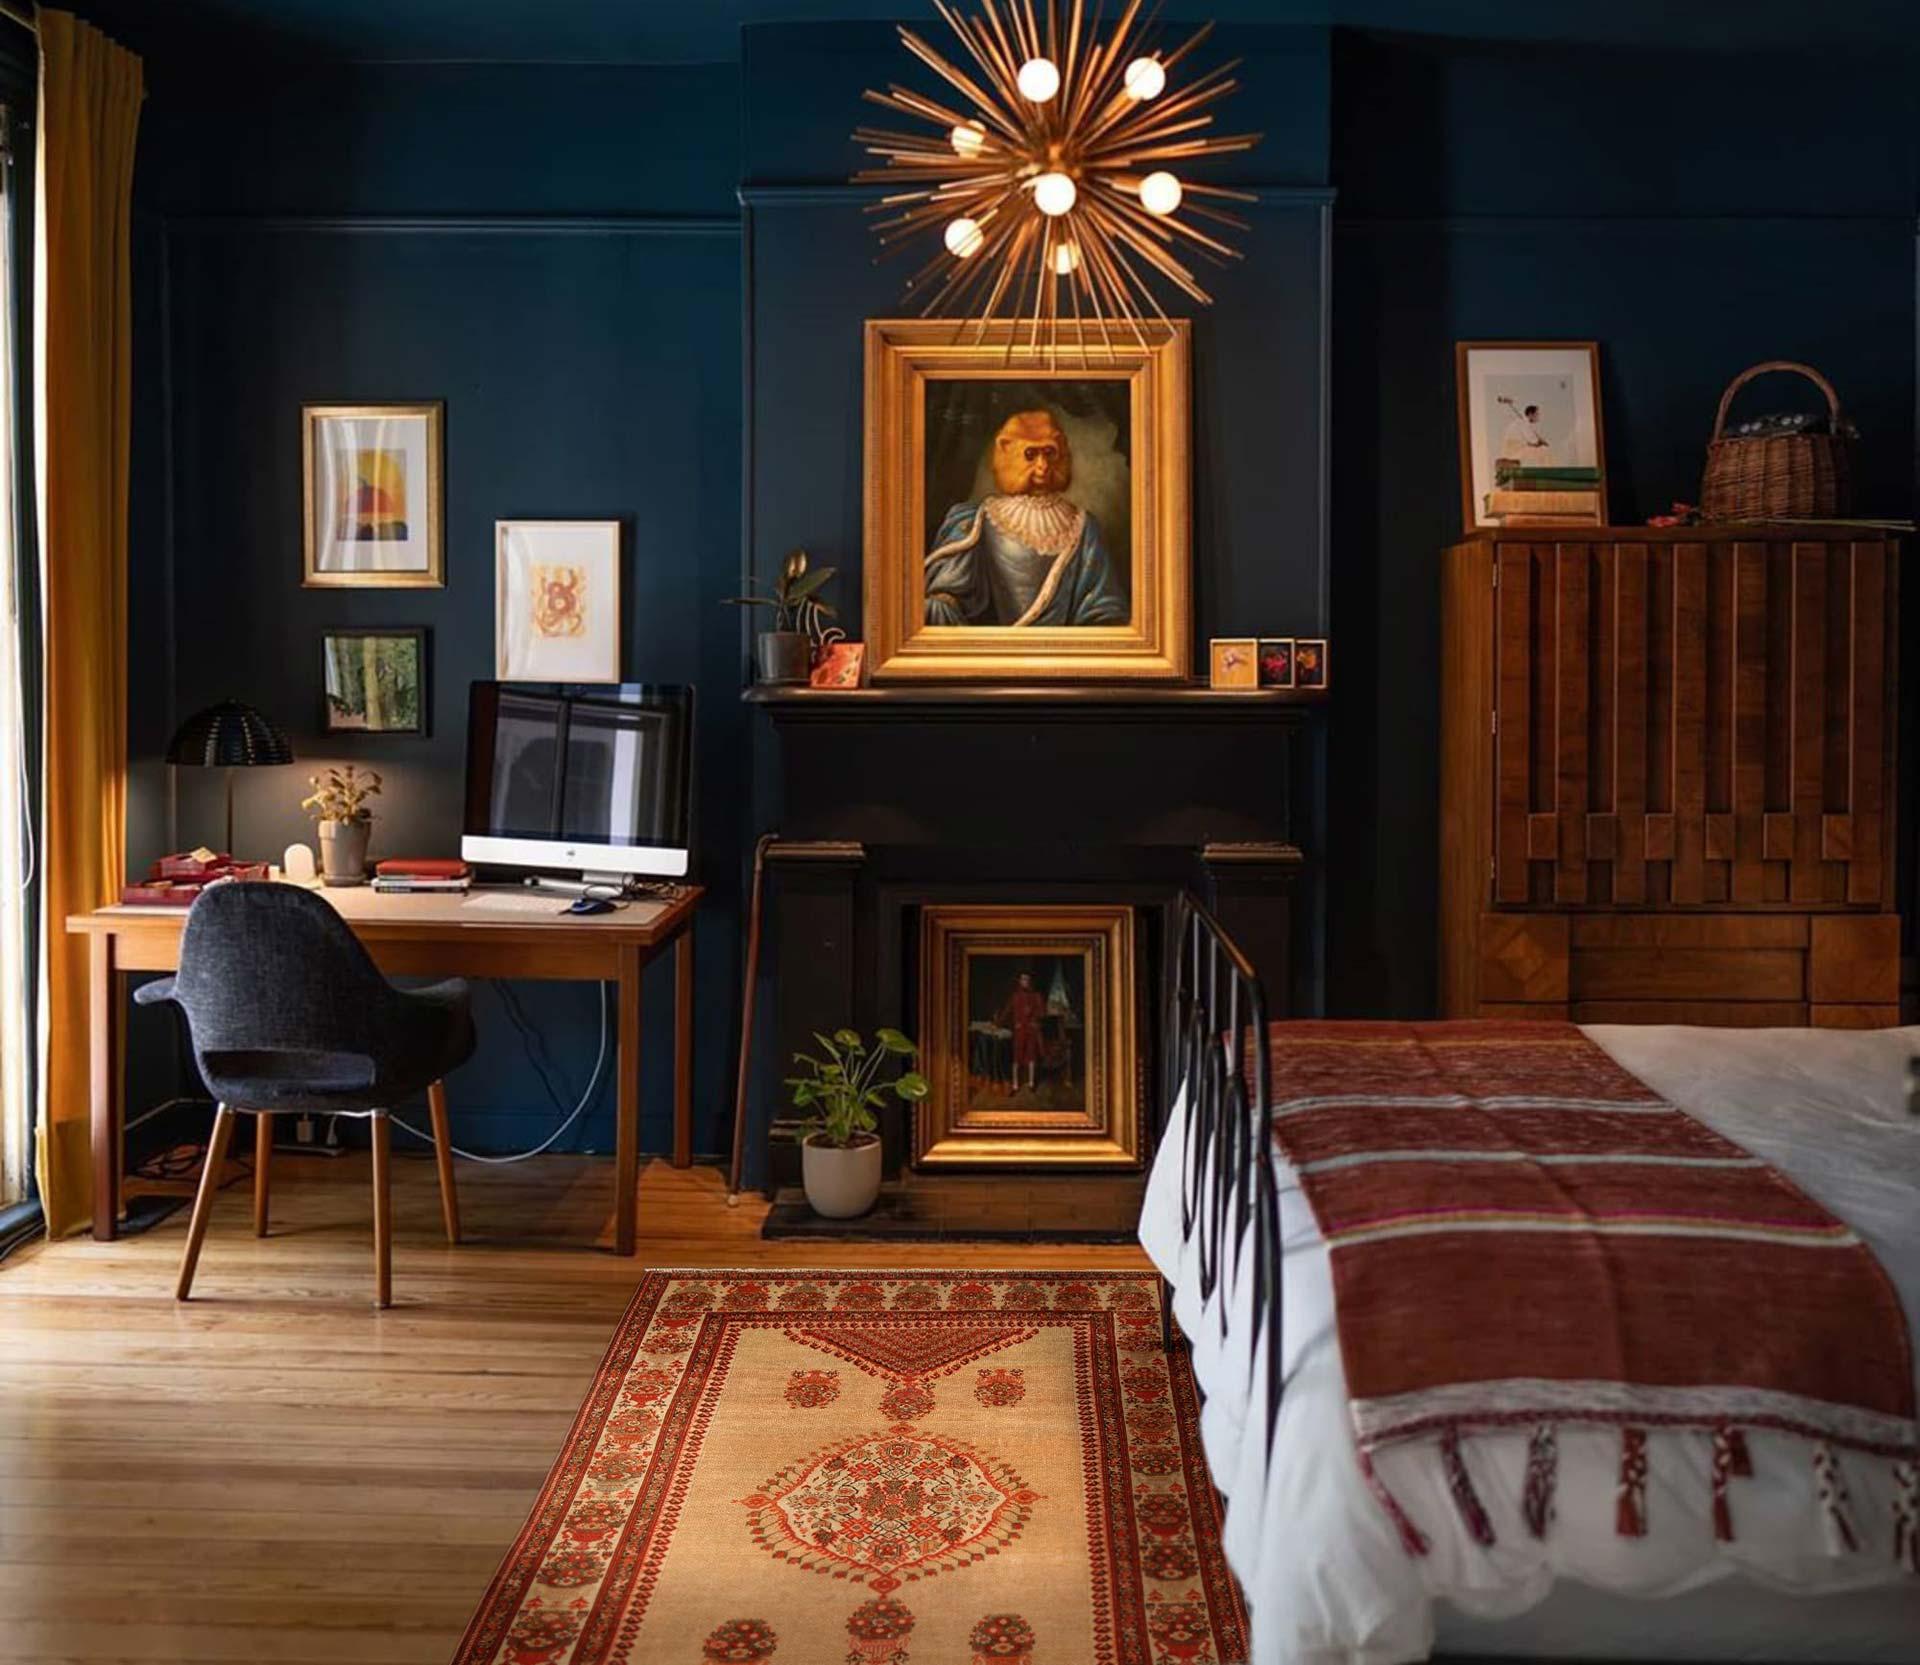 Sarouk handgemachter Wollteppich aus dem 19. Jahrhundert BB4198 in einem Schlafzimmer.  Conor McFarland